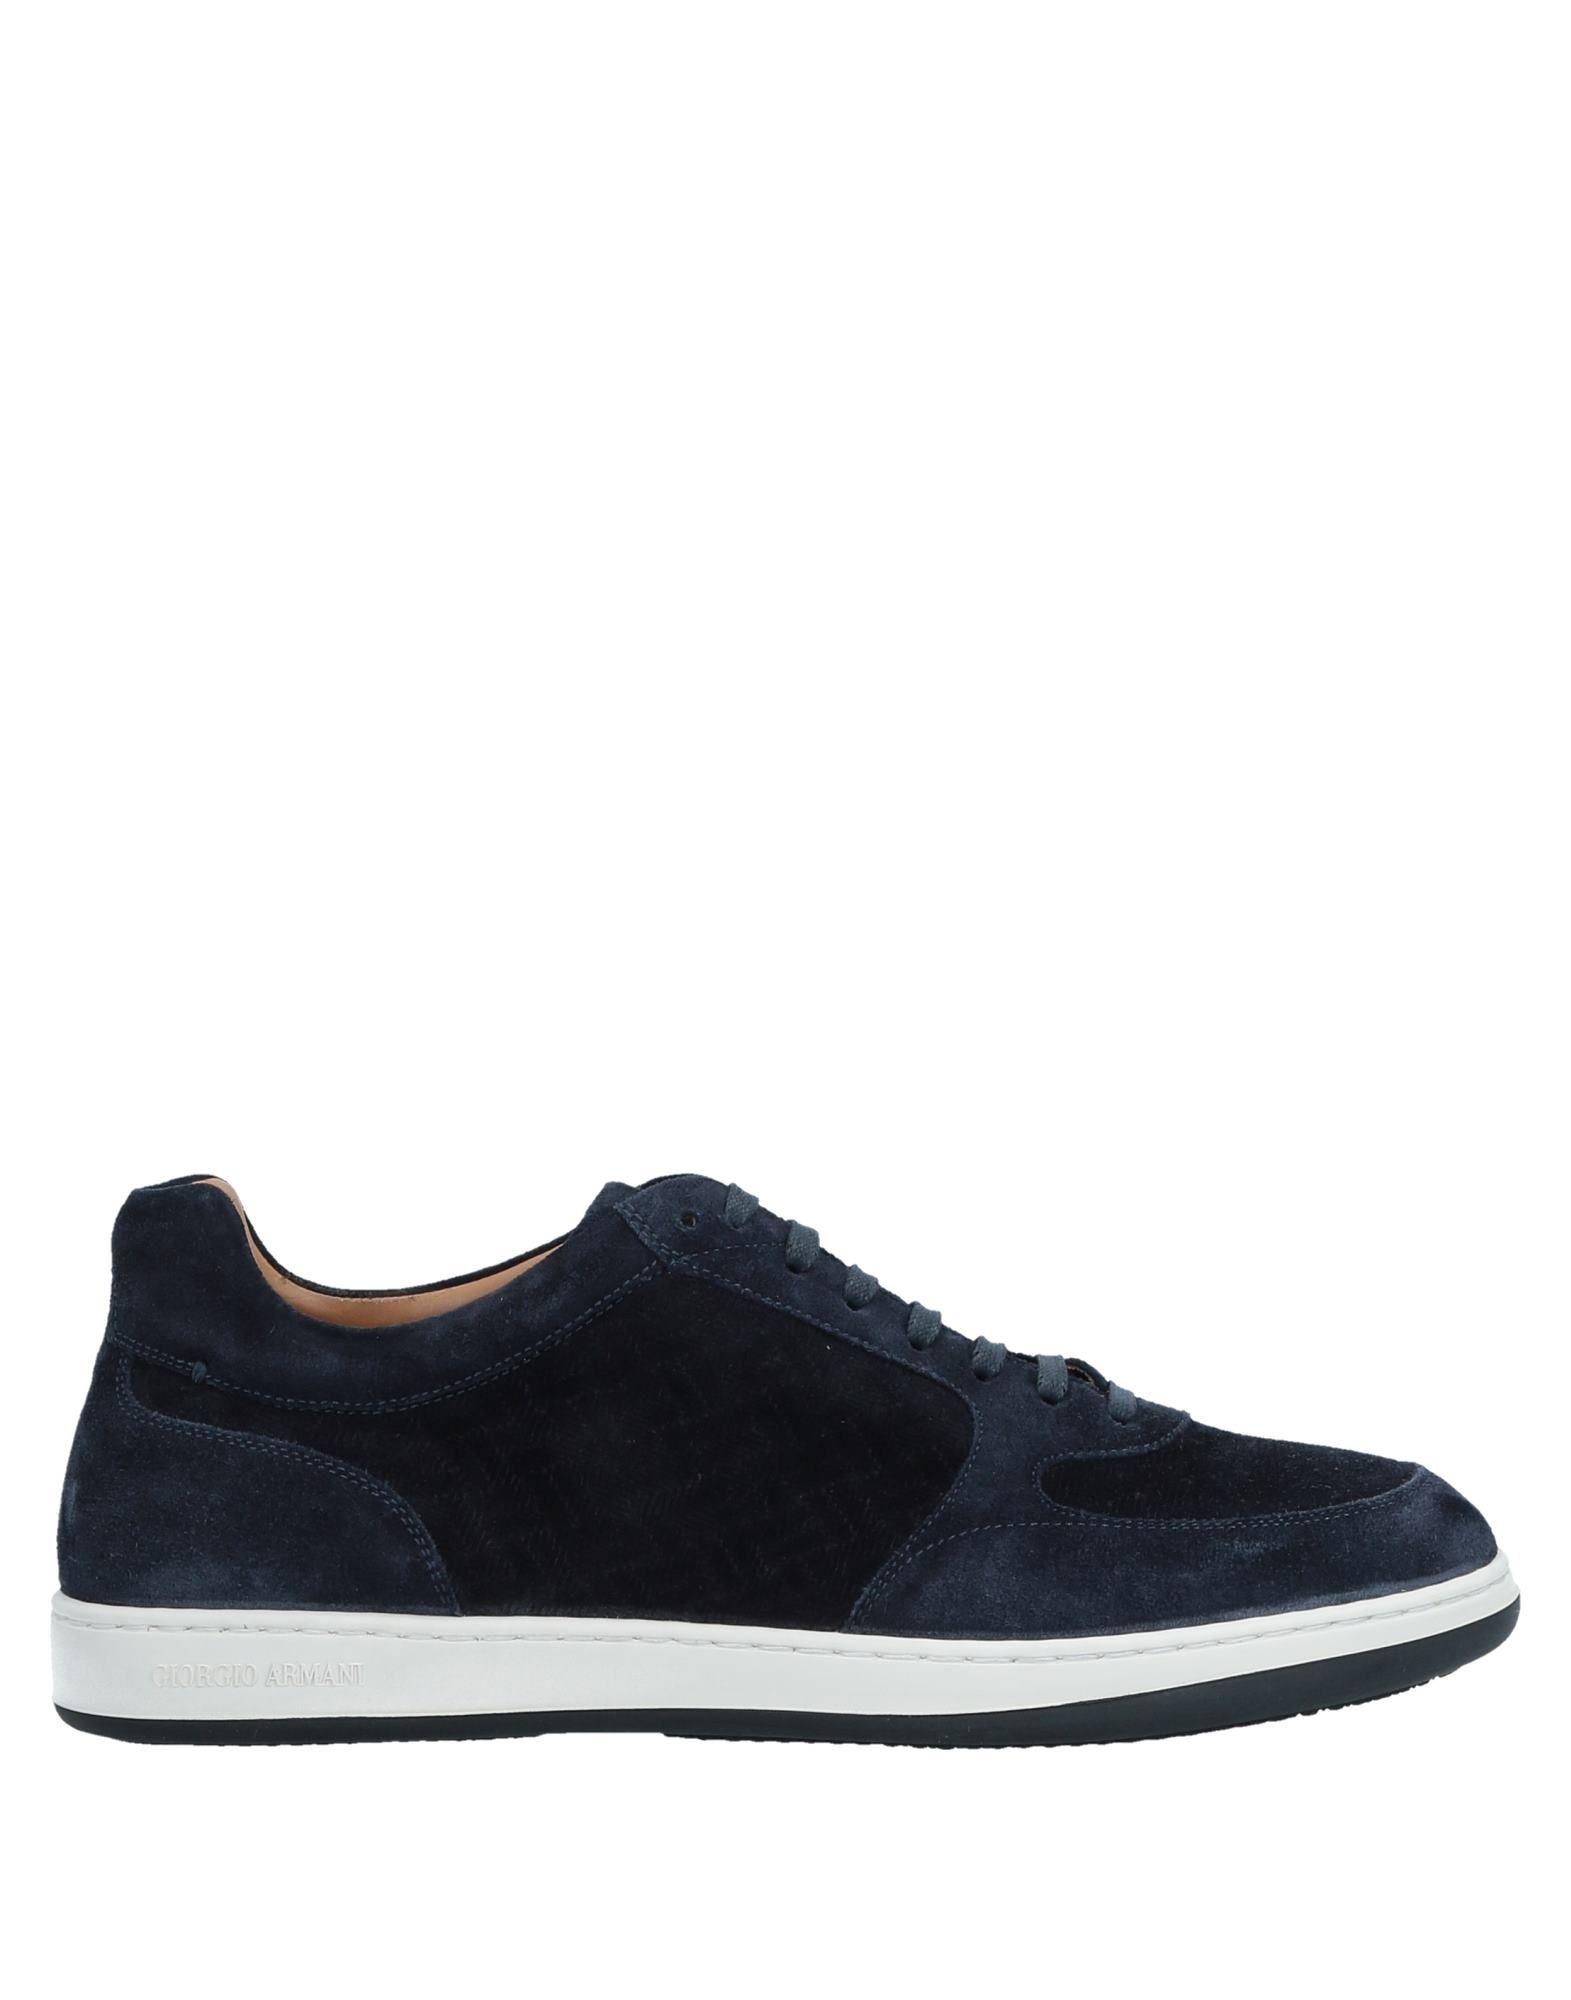 Sneakers Giorgio Armani Homme - Sneakers Giorgio Armani  Bleu foncé Dernières chaussures discount pour hommes et femmes